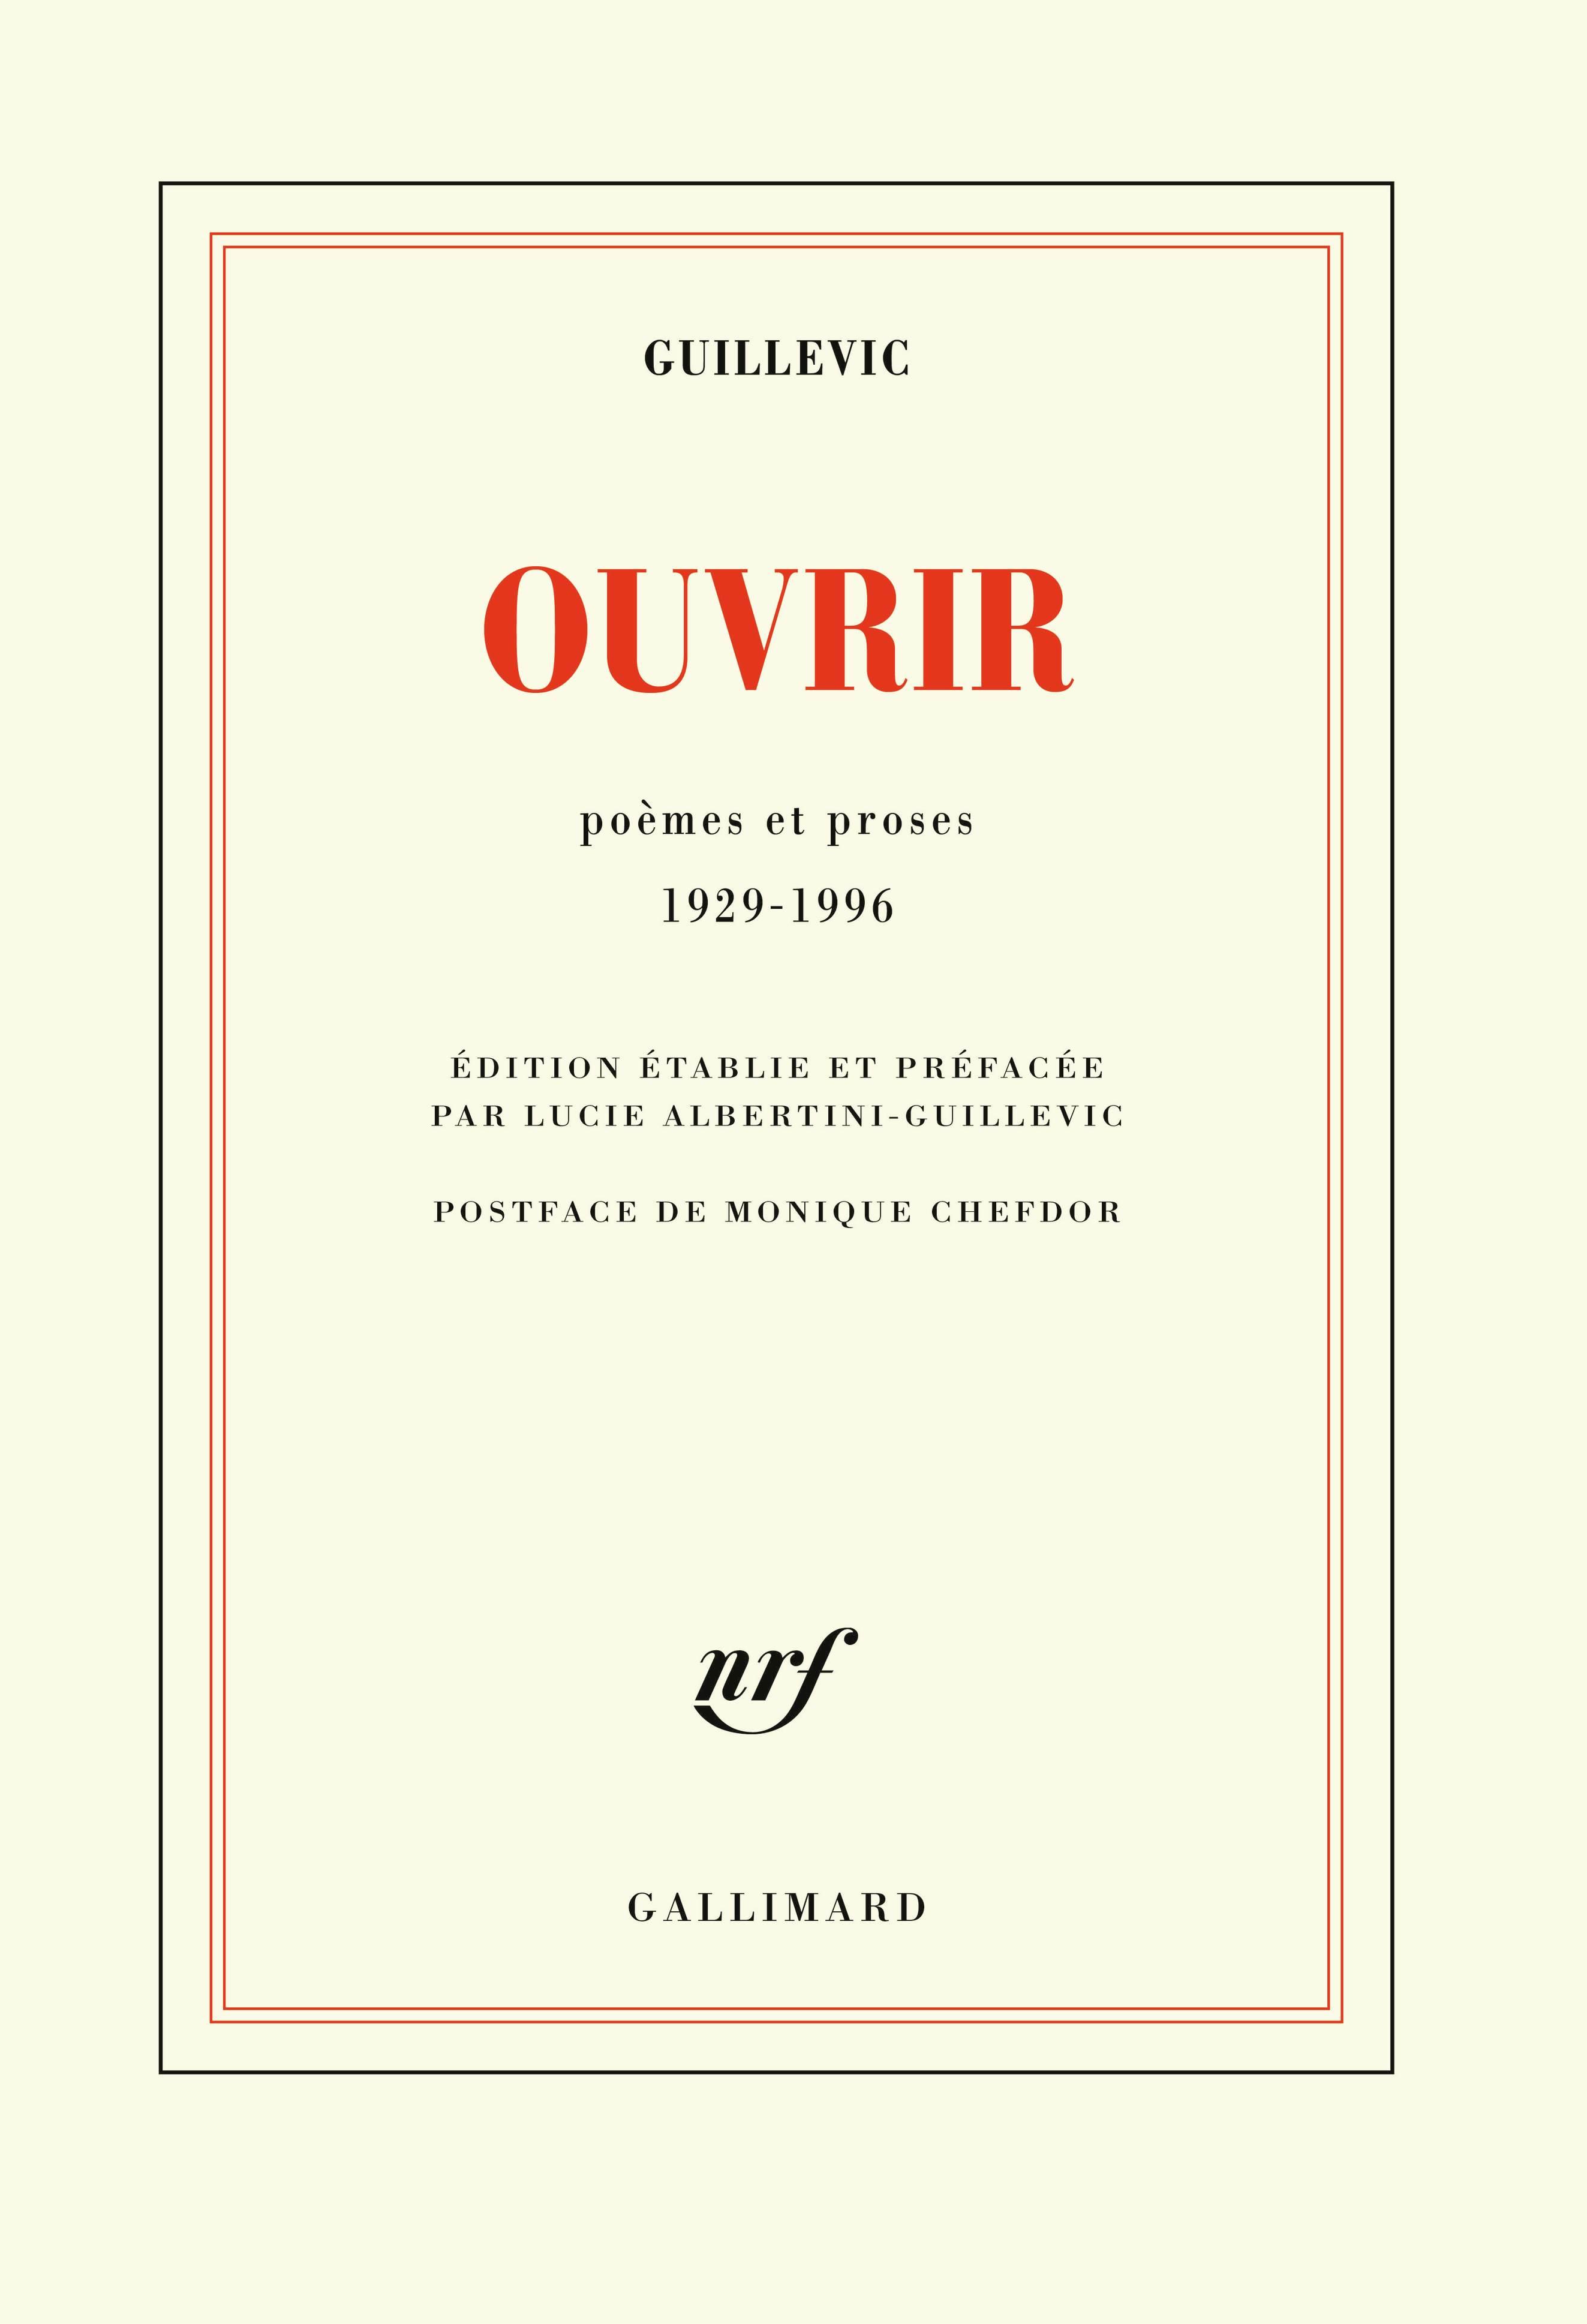 Guillevic, Ouvrir. Poèmes et proses 1929-1996